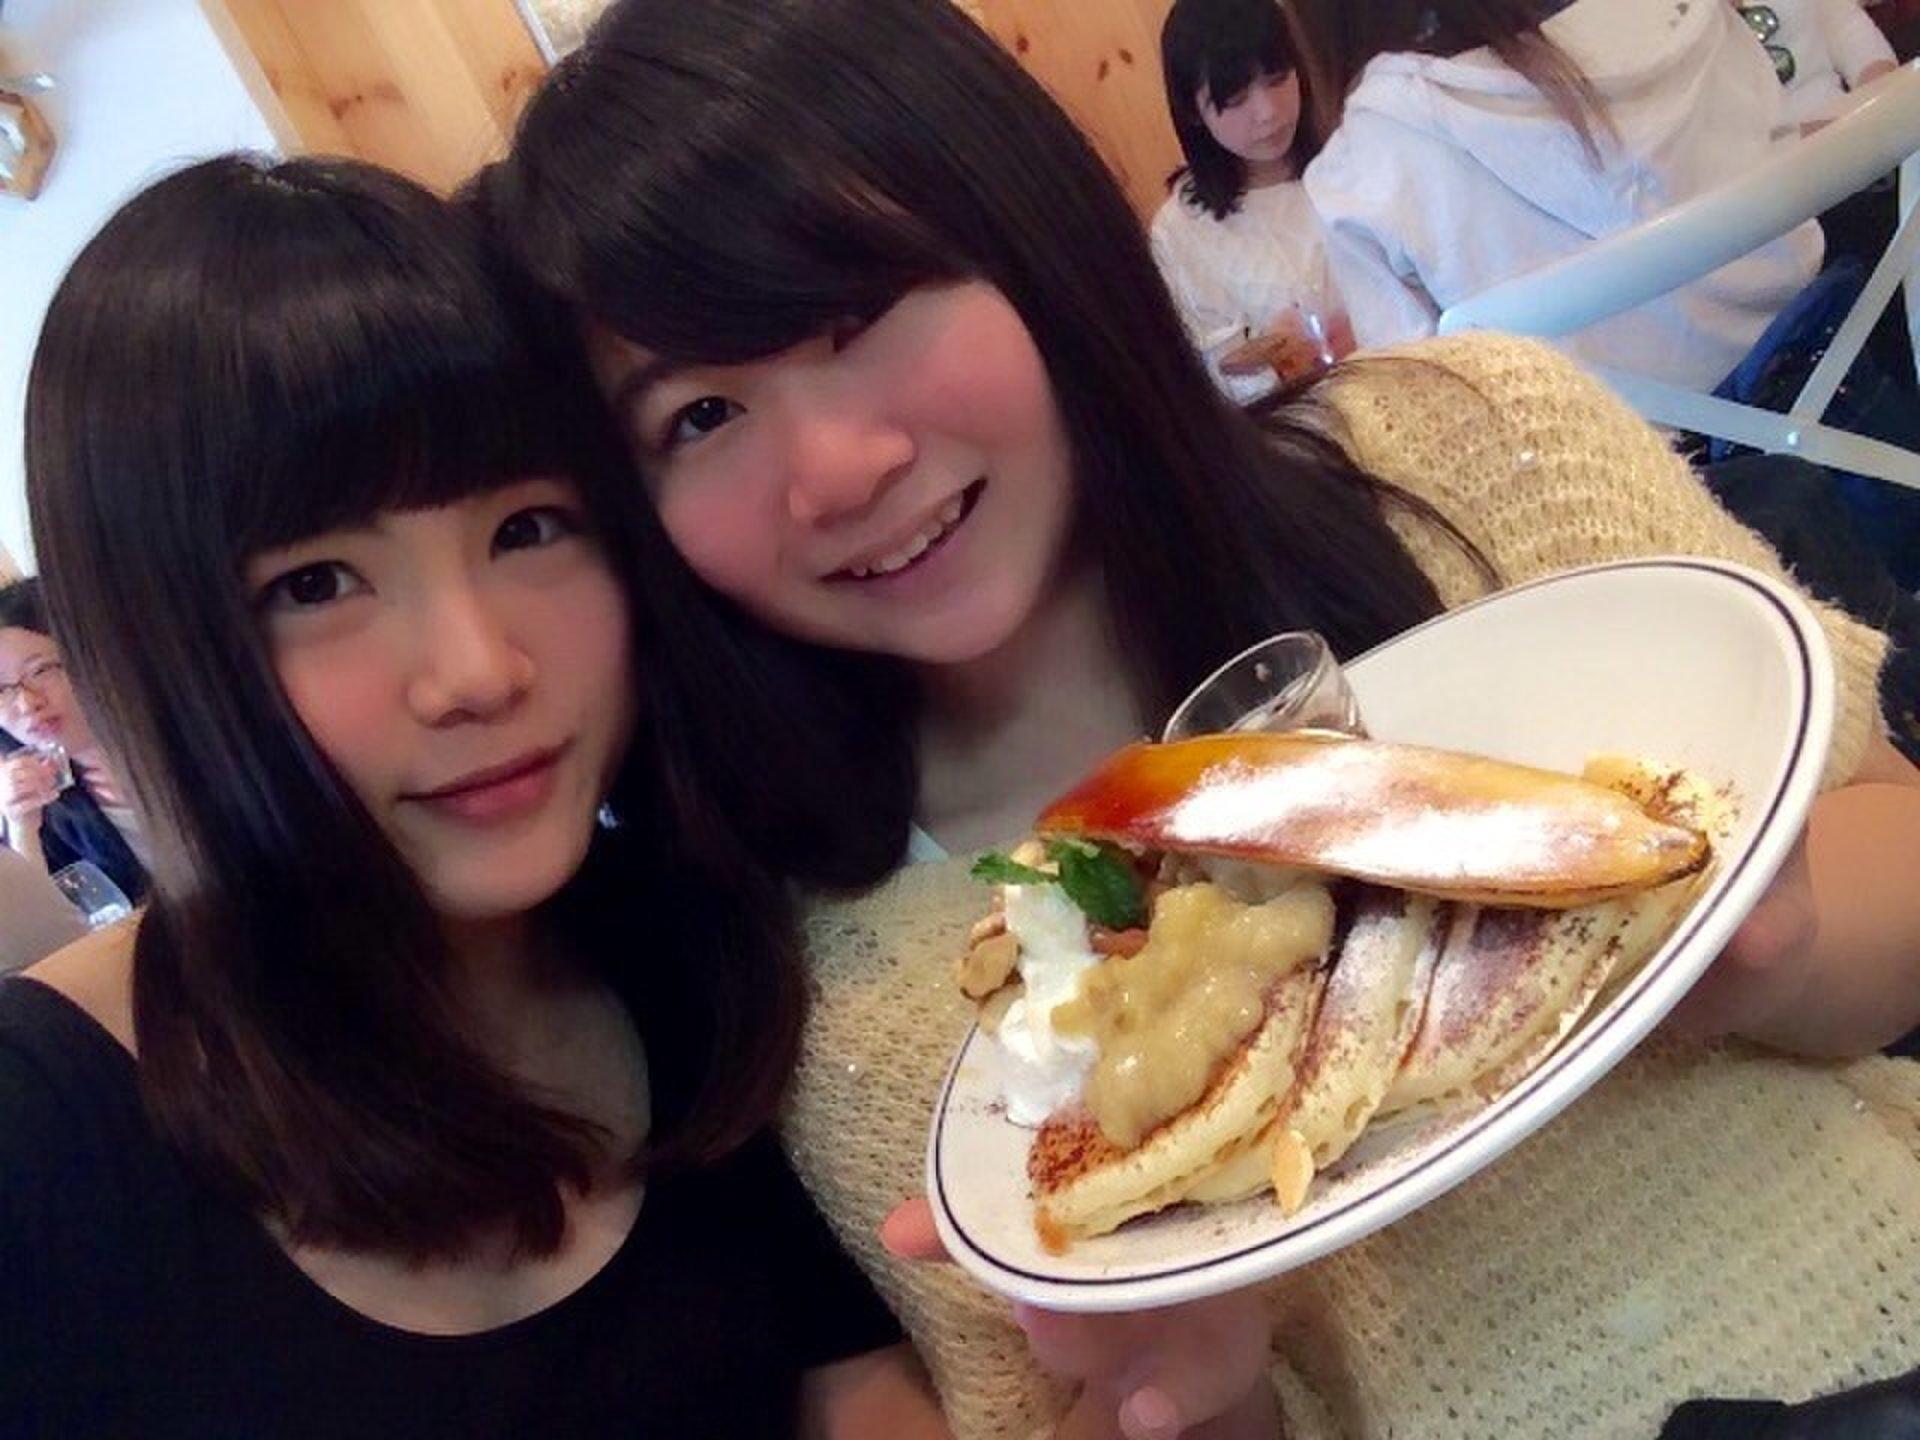 名古屋にキター!関西で大人気の「ELK」が栄に上陸!姉妹でパンケーキ女子会♡